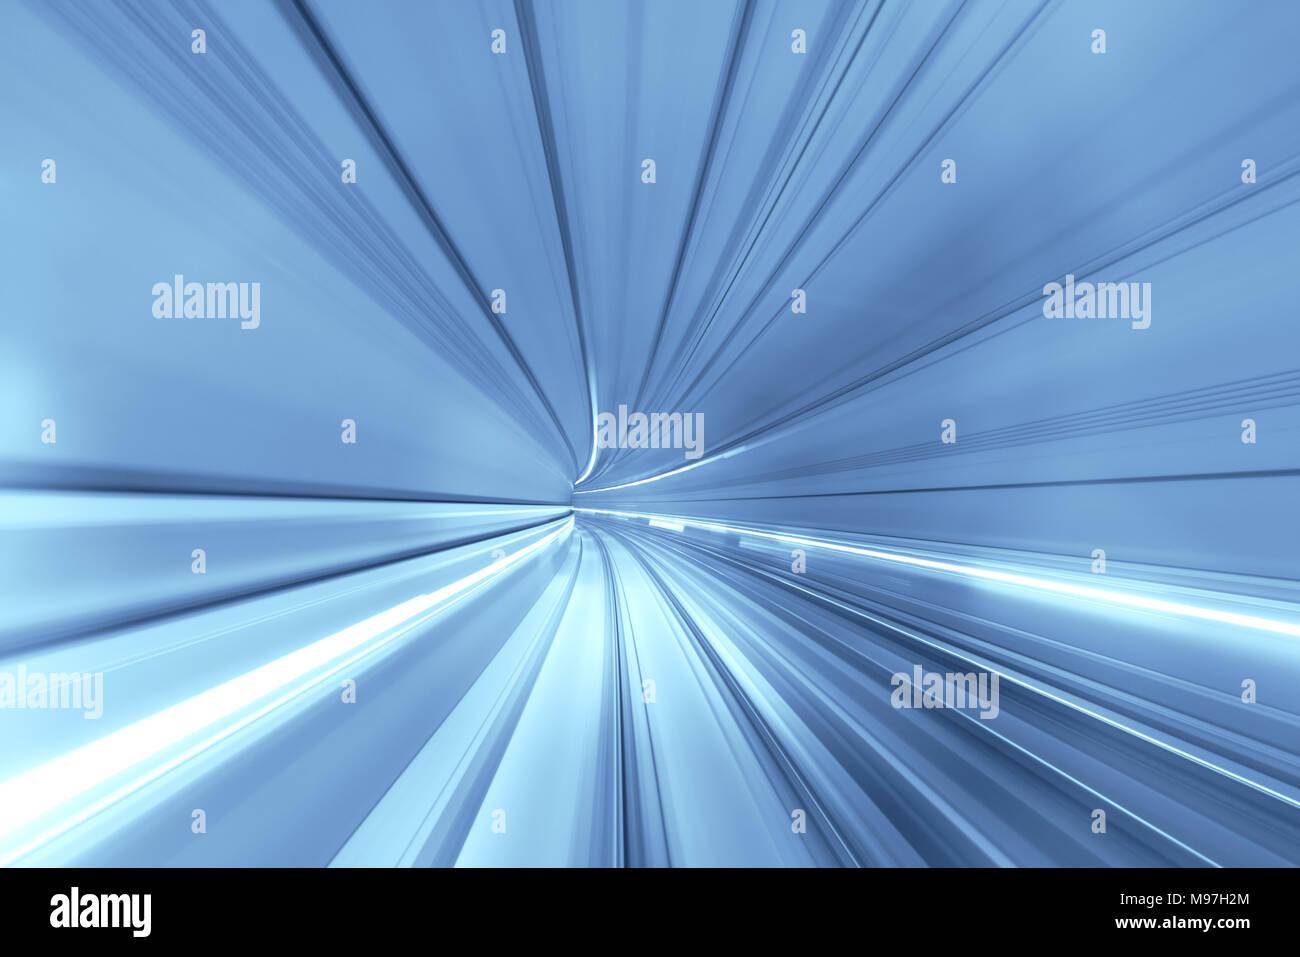 Velocità movimento sfocate di treno o metropolitana treno in movimento all'interno del tunnel. Immagini Stock